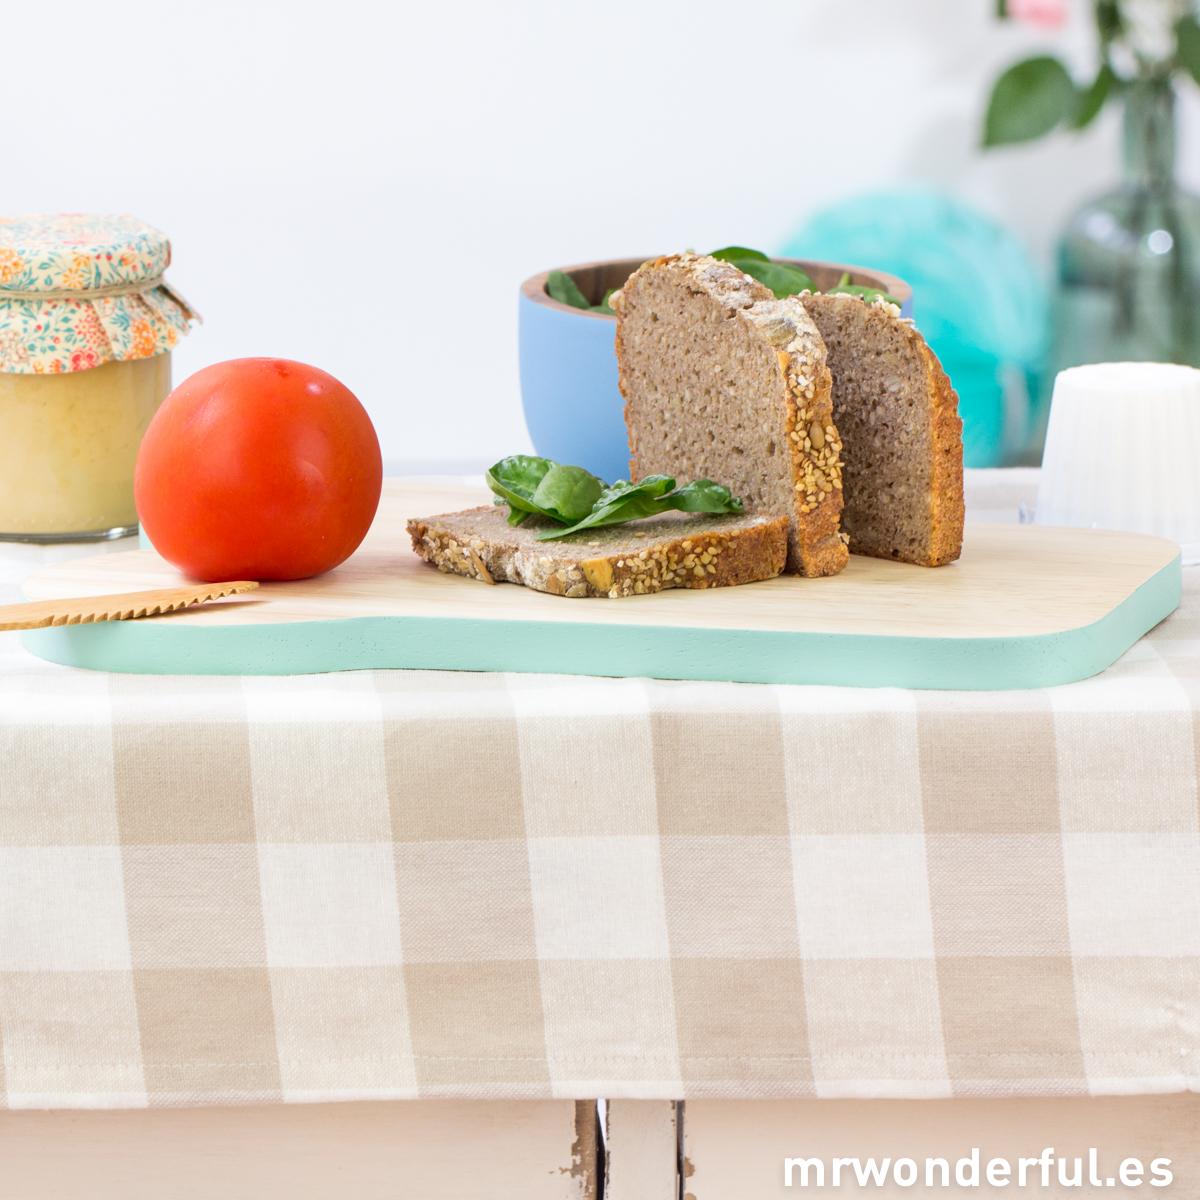 mrwonderful_PT2218MG_tabla-madera-cortar-forma-tostada-17